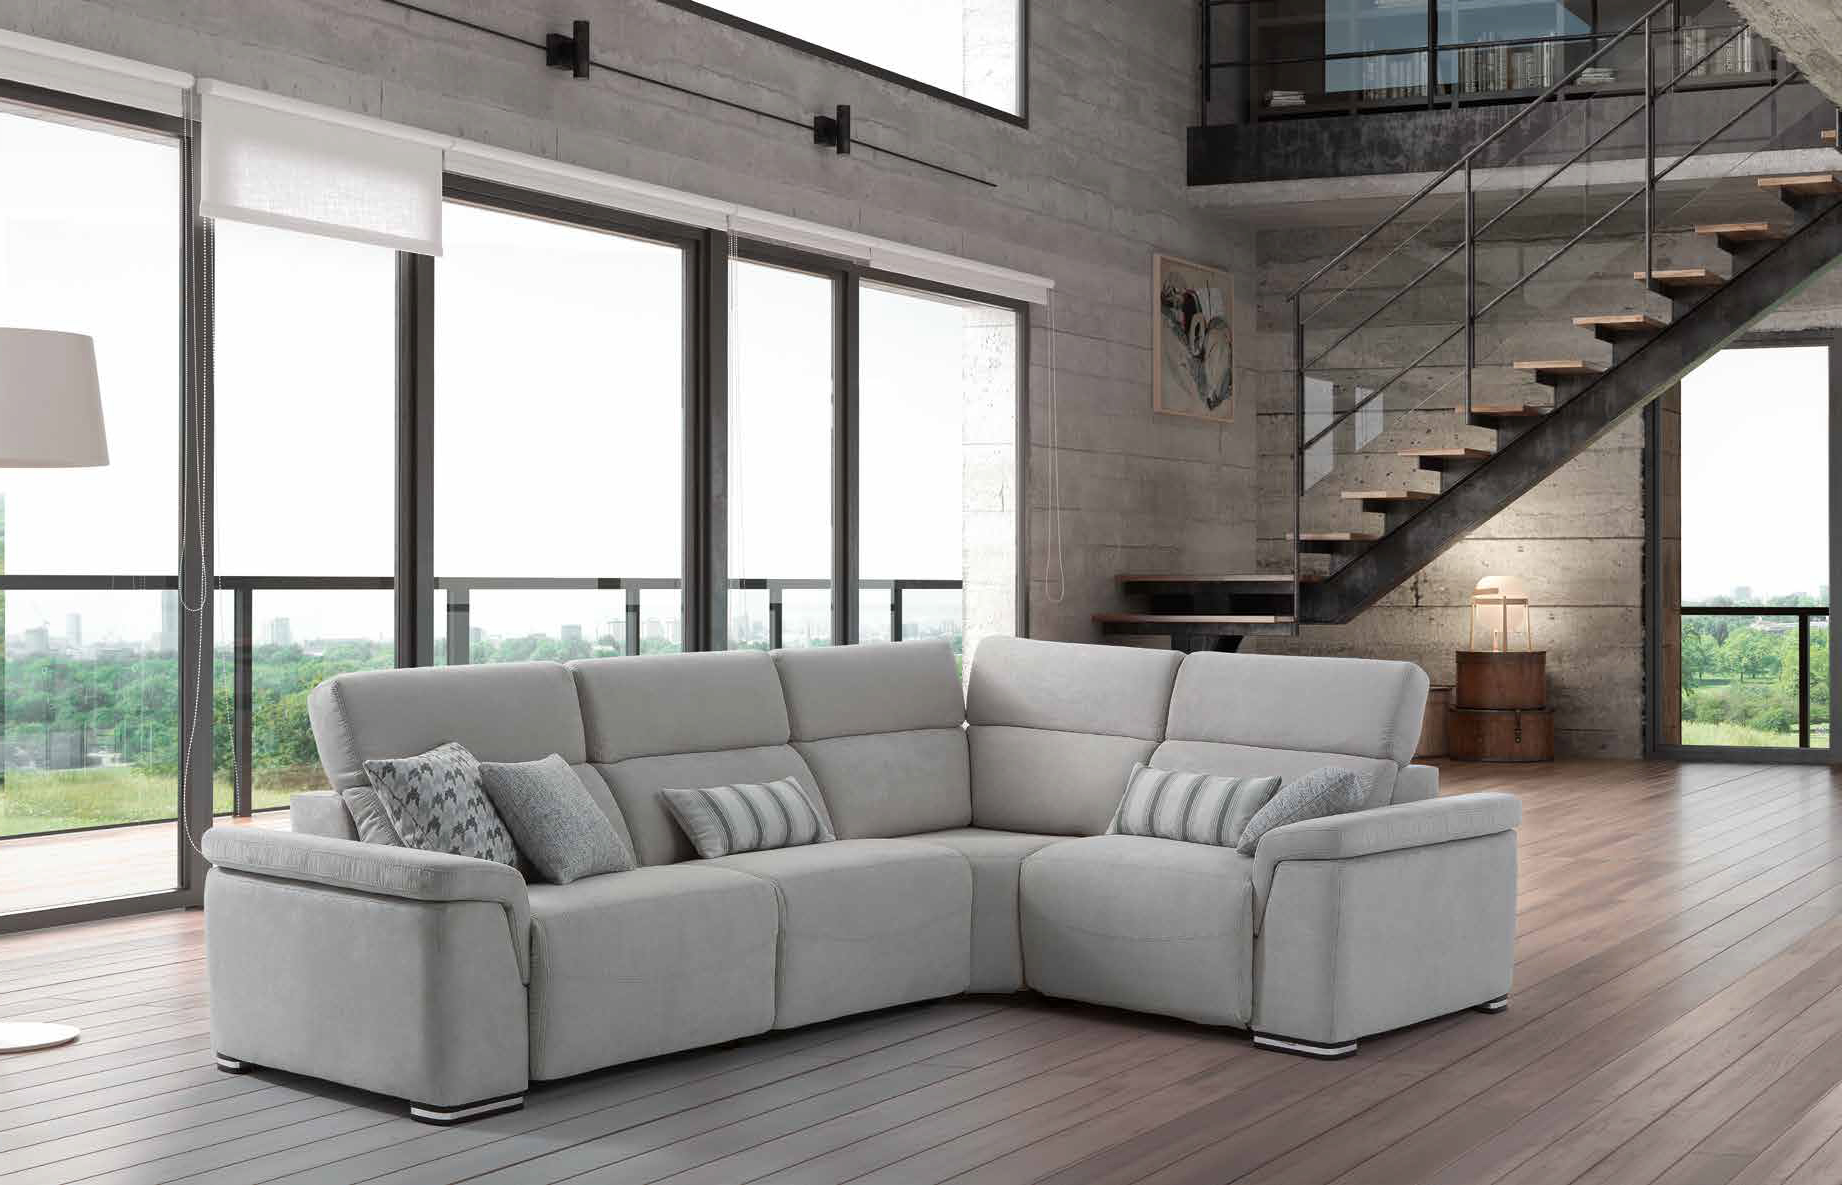 Tiendas De sofas En Granada Dddy Tienda De sofà S Y Sillones En Granada Fegomar Muebles Para El Hogar